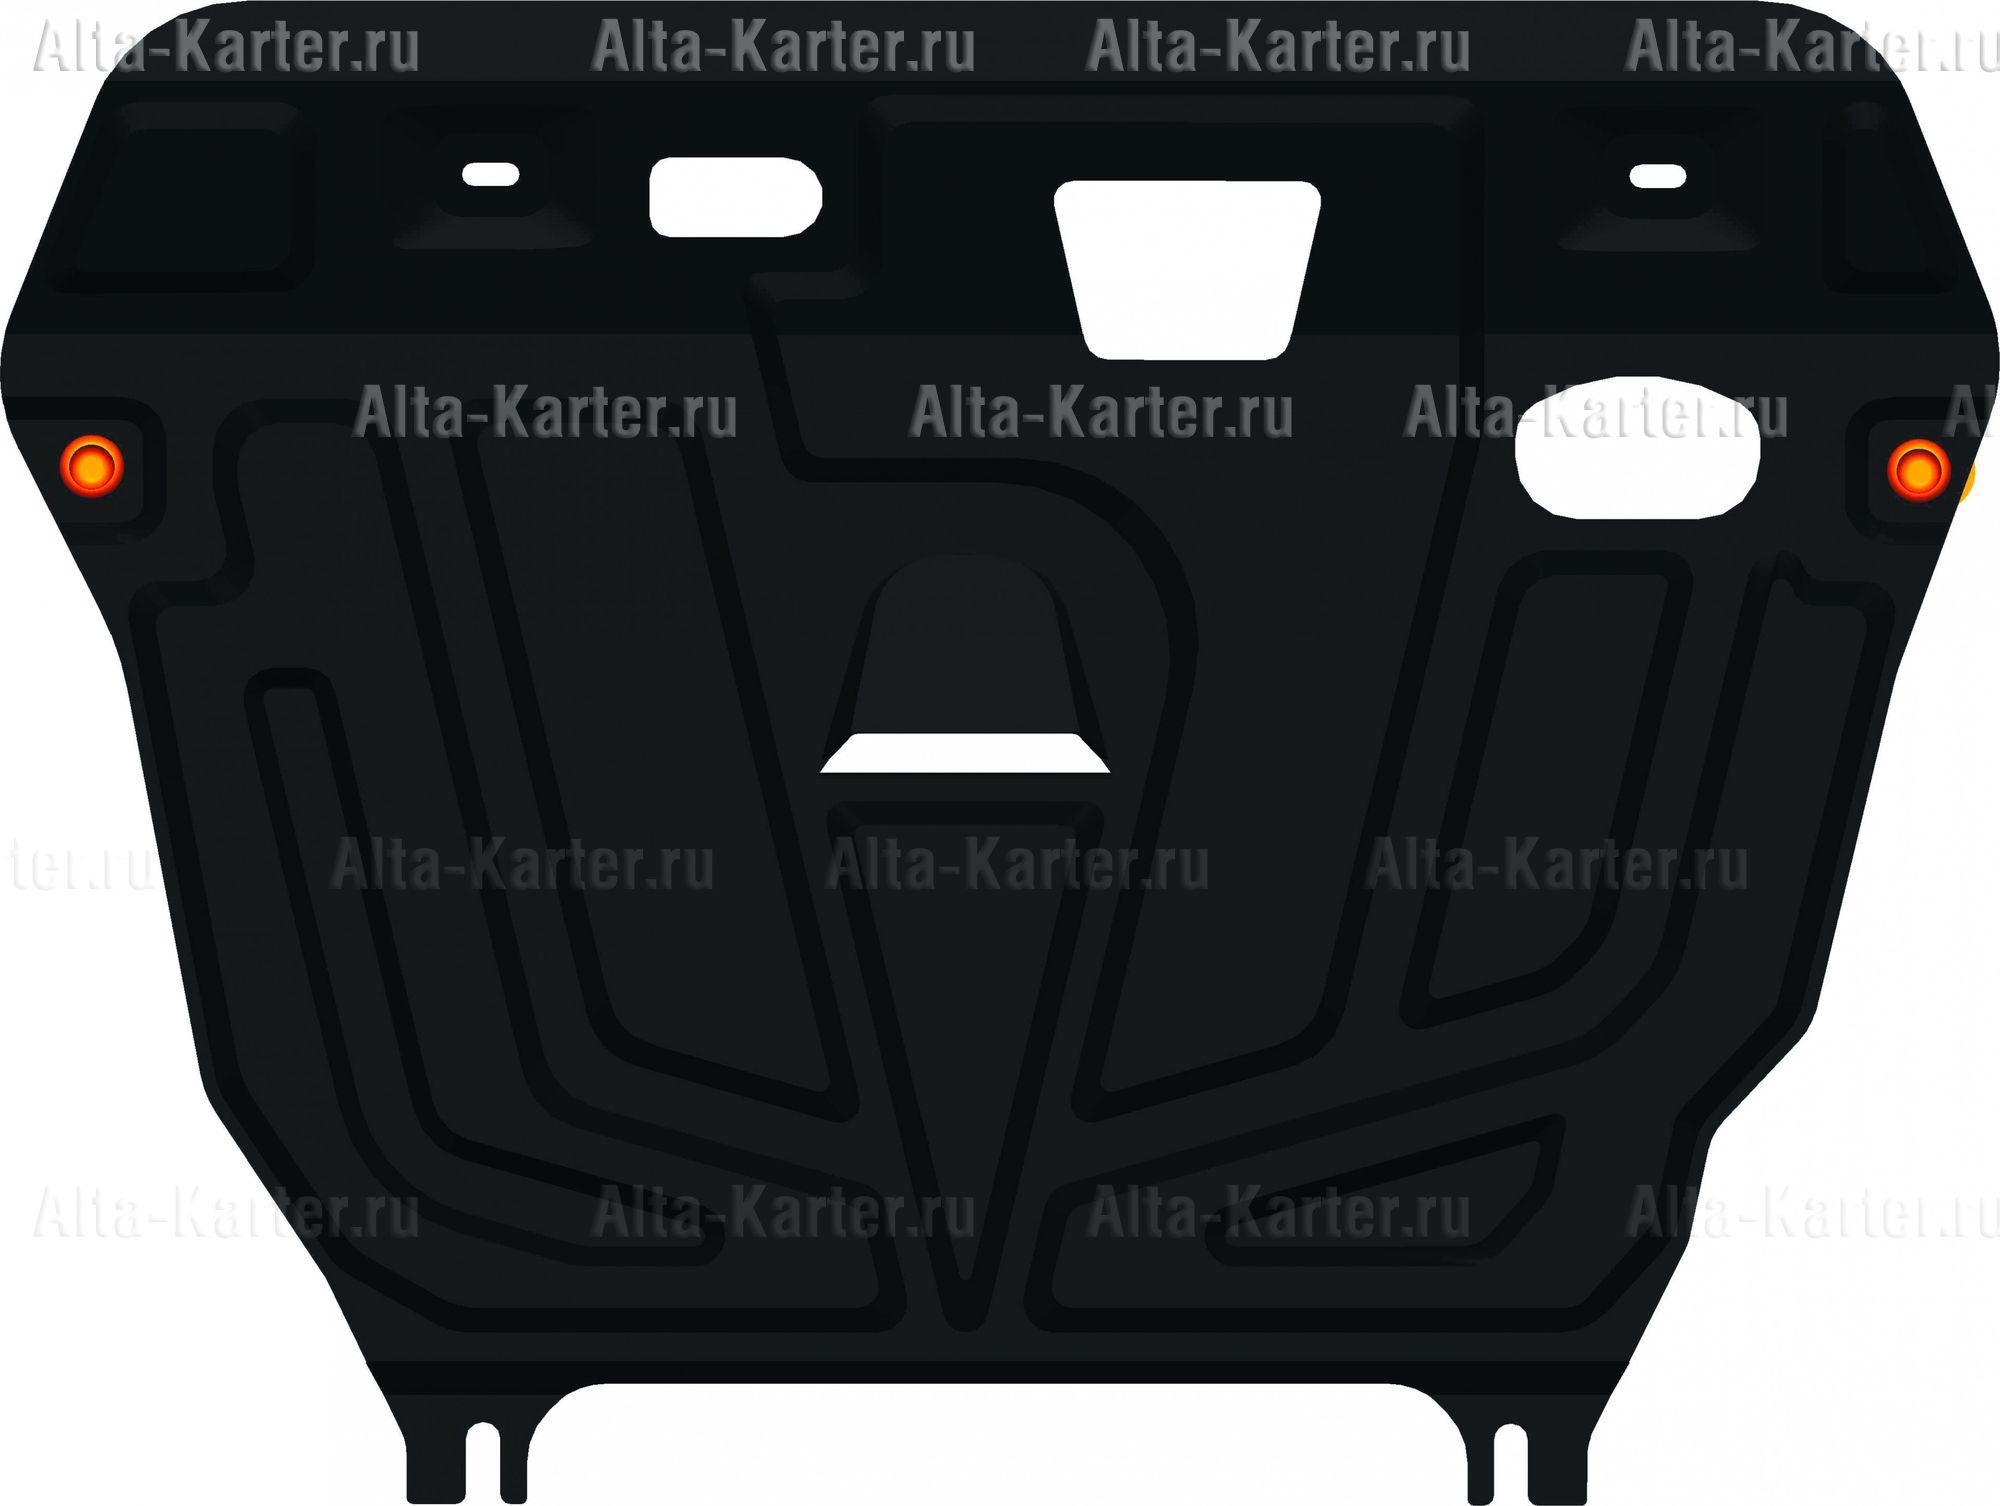 Защита Alfeco для картера и КПП Toyota Avensis T270 2009-2018. Артикул ALF.24.75 st